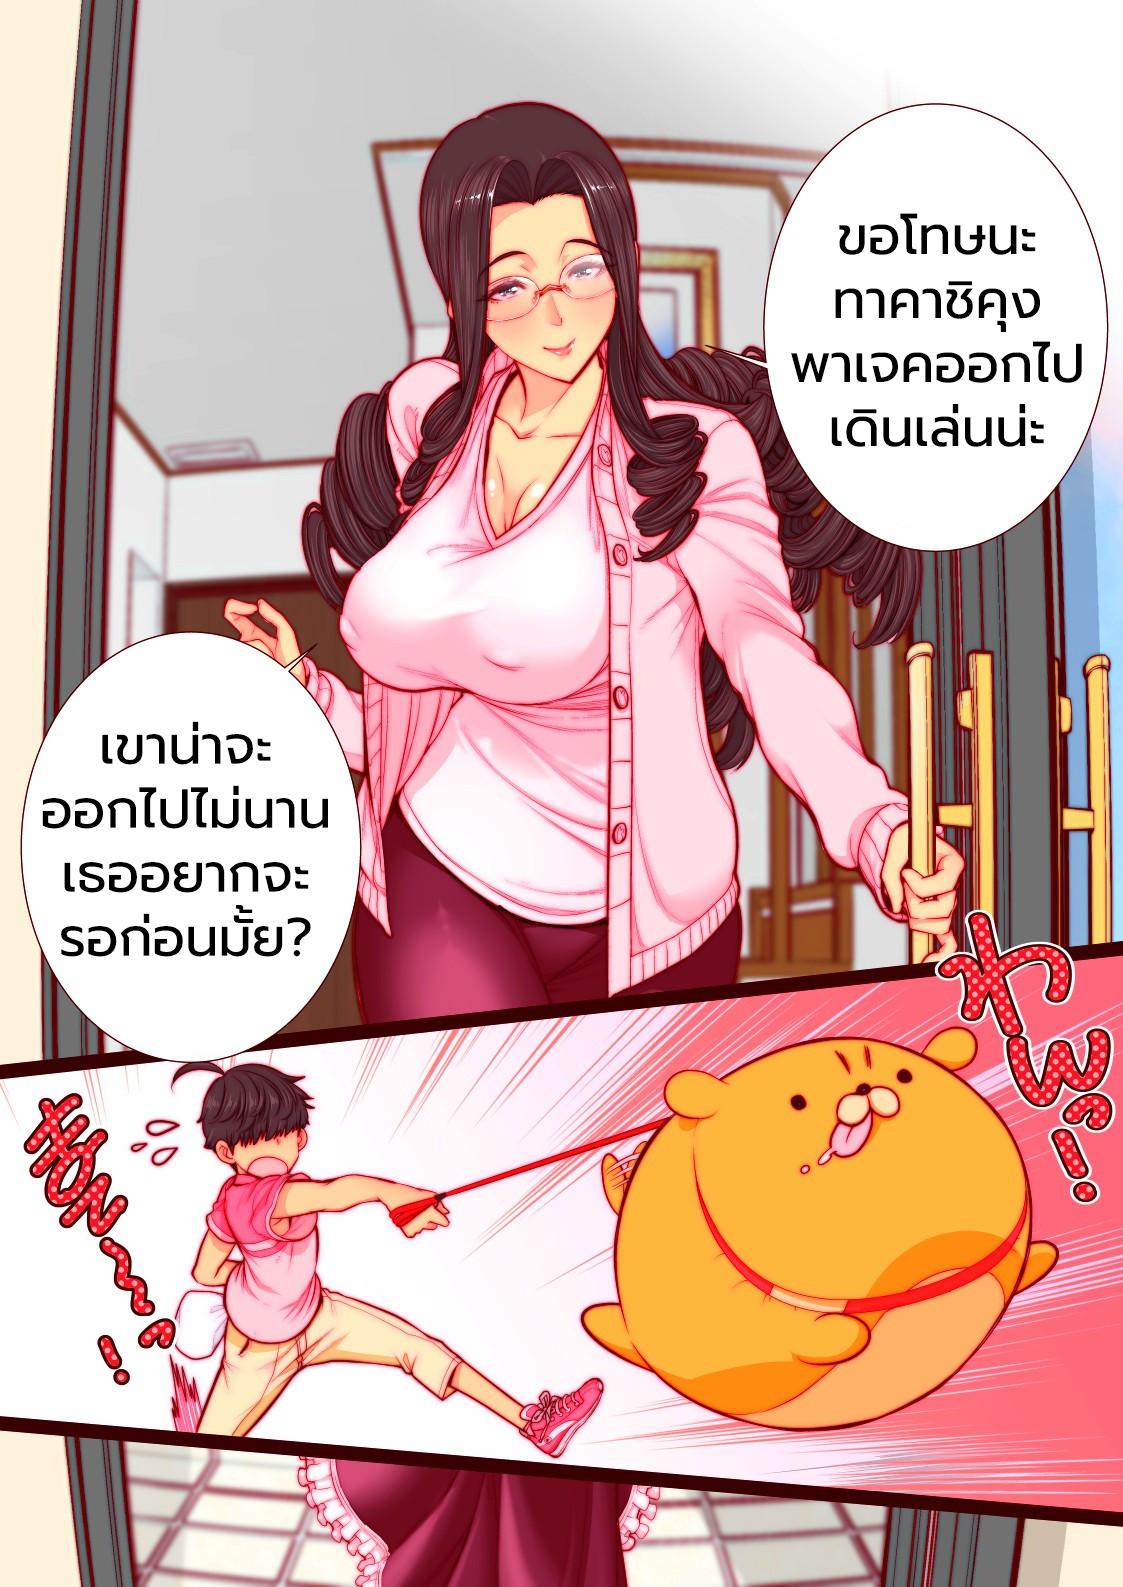 เซ็กส์ซ่อนแอบกับแม่เพื่อนทาคาชิคุง-4